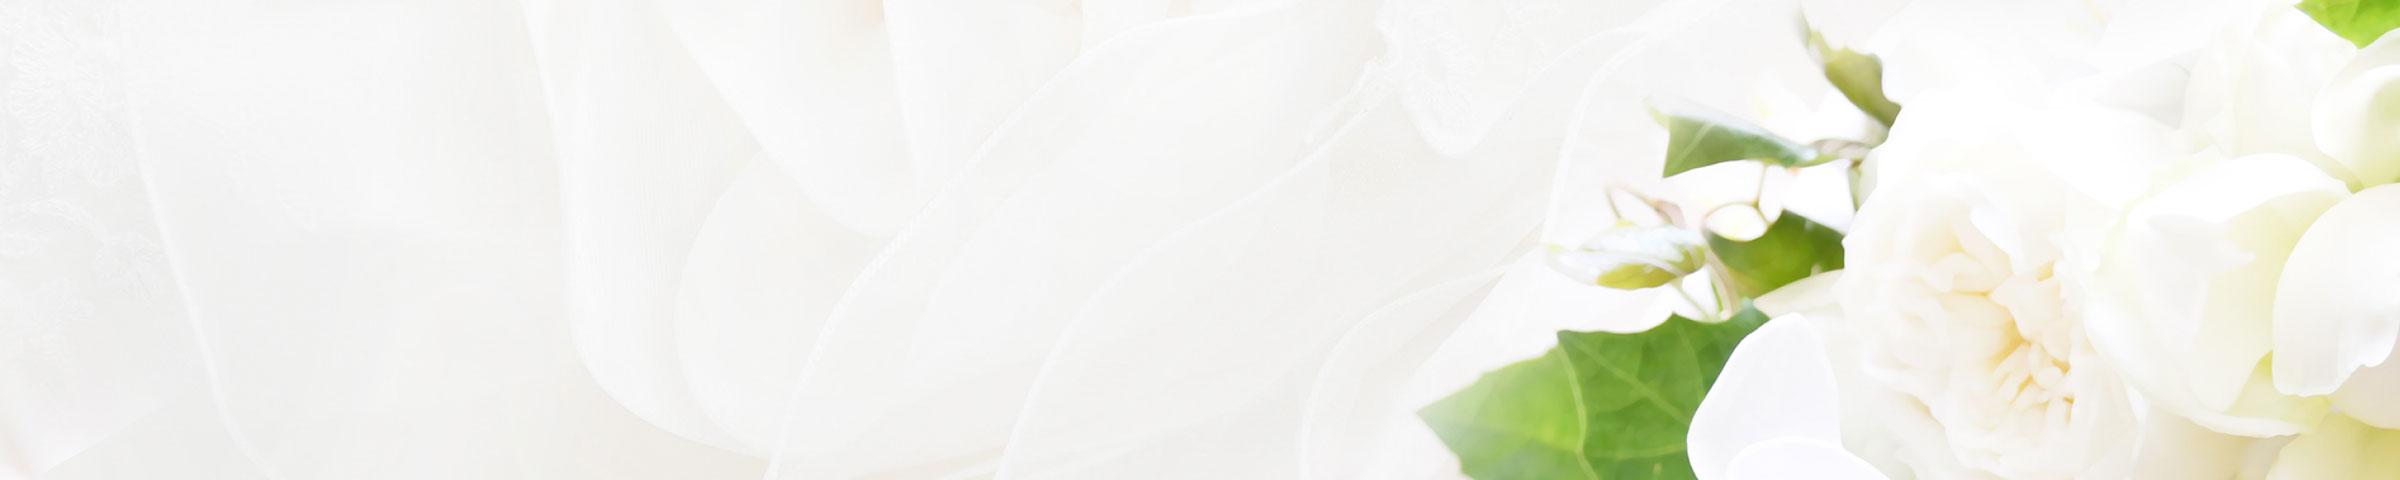 ベテラン婚活アドバイザーのブログ